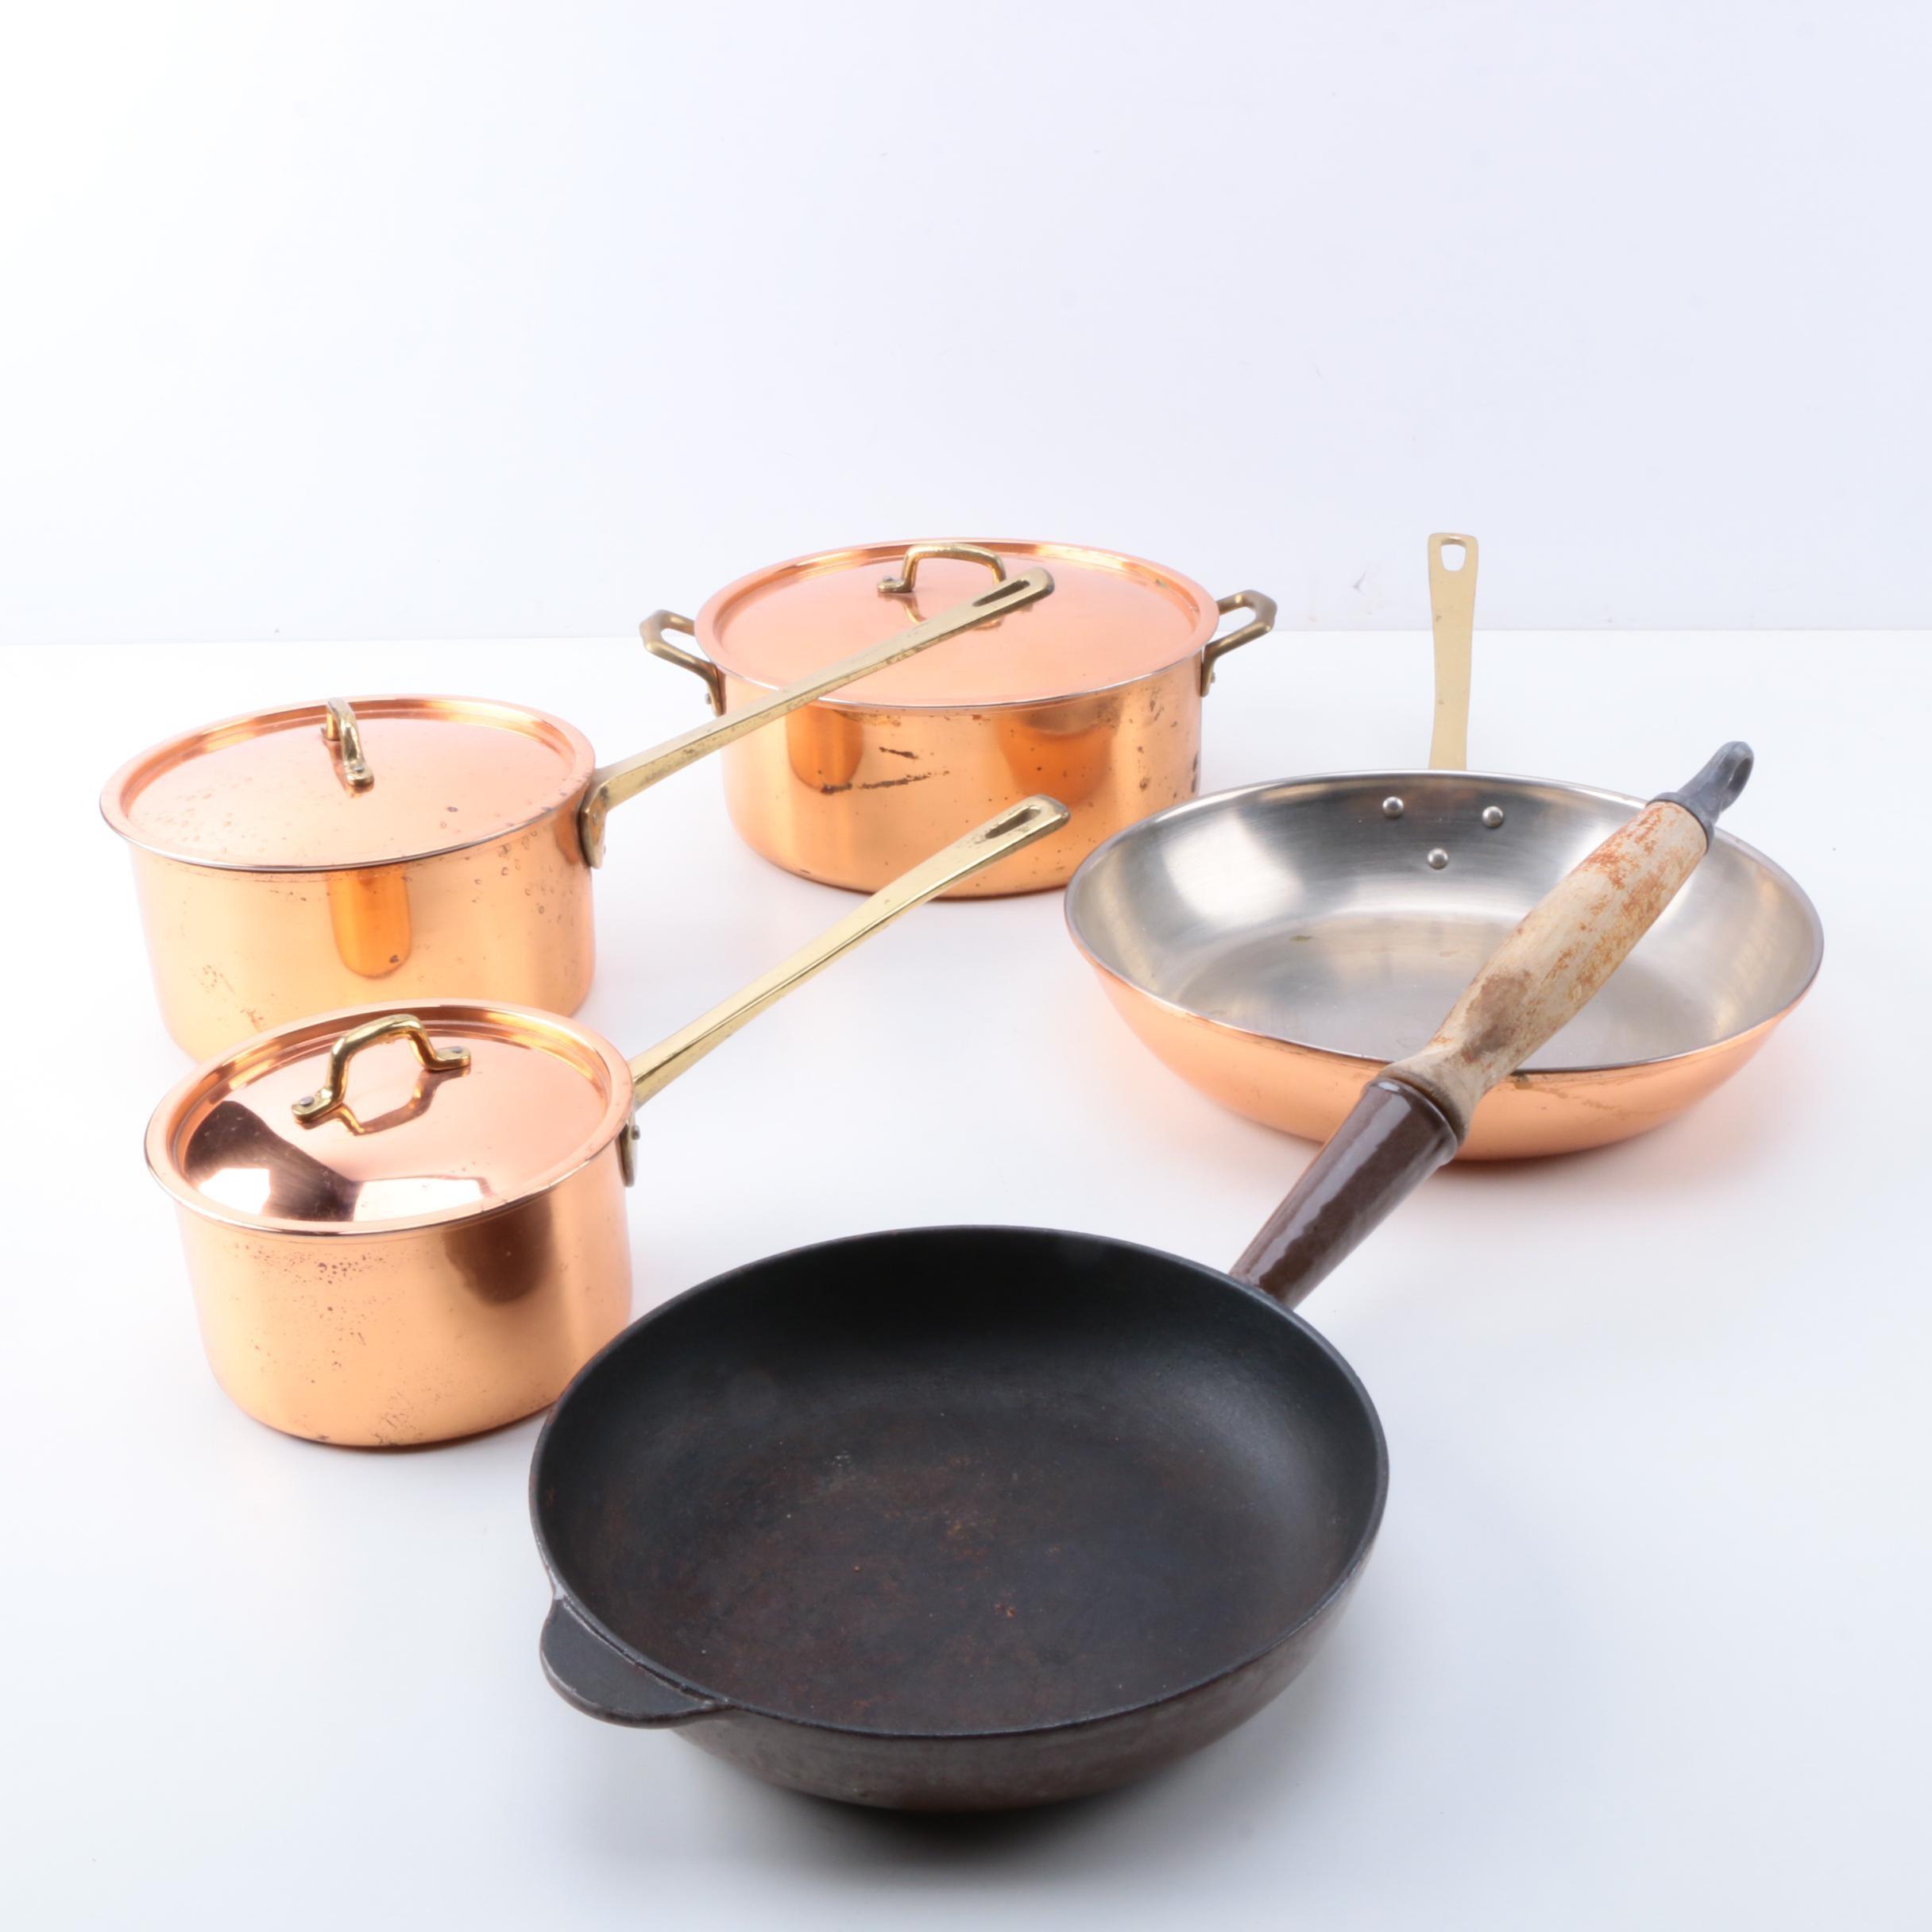 Copper Clad Cookware and Cousance's Saute Pan